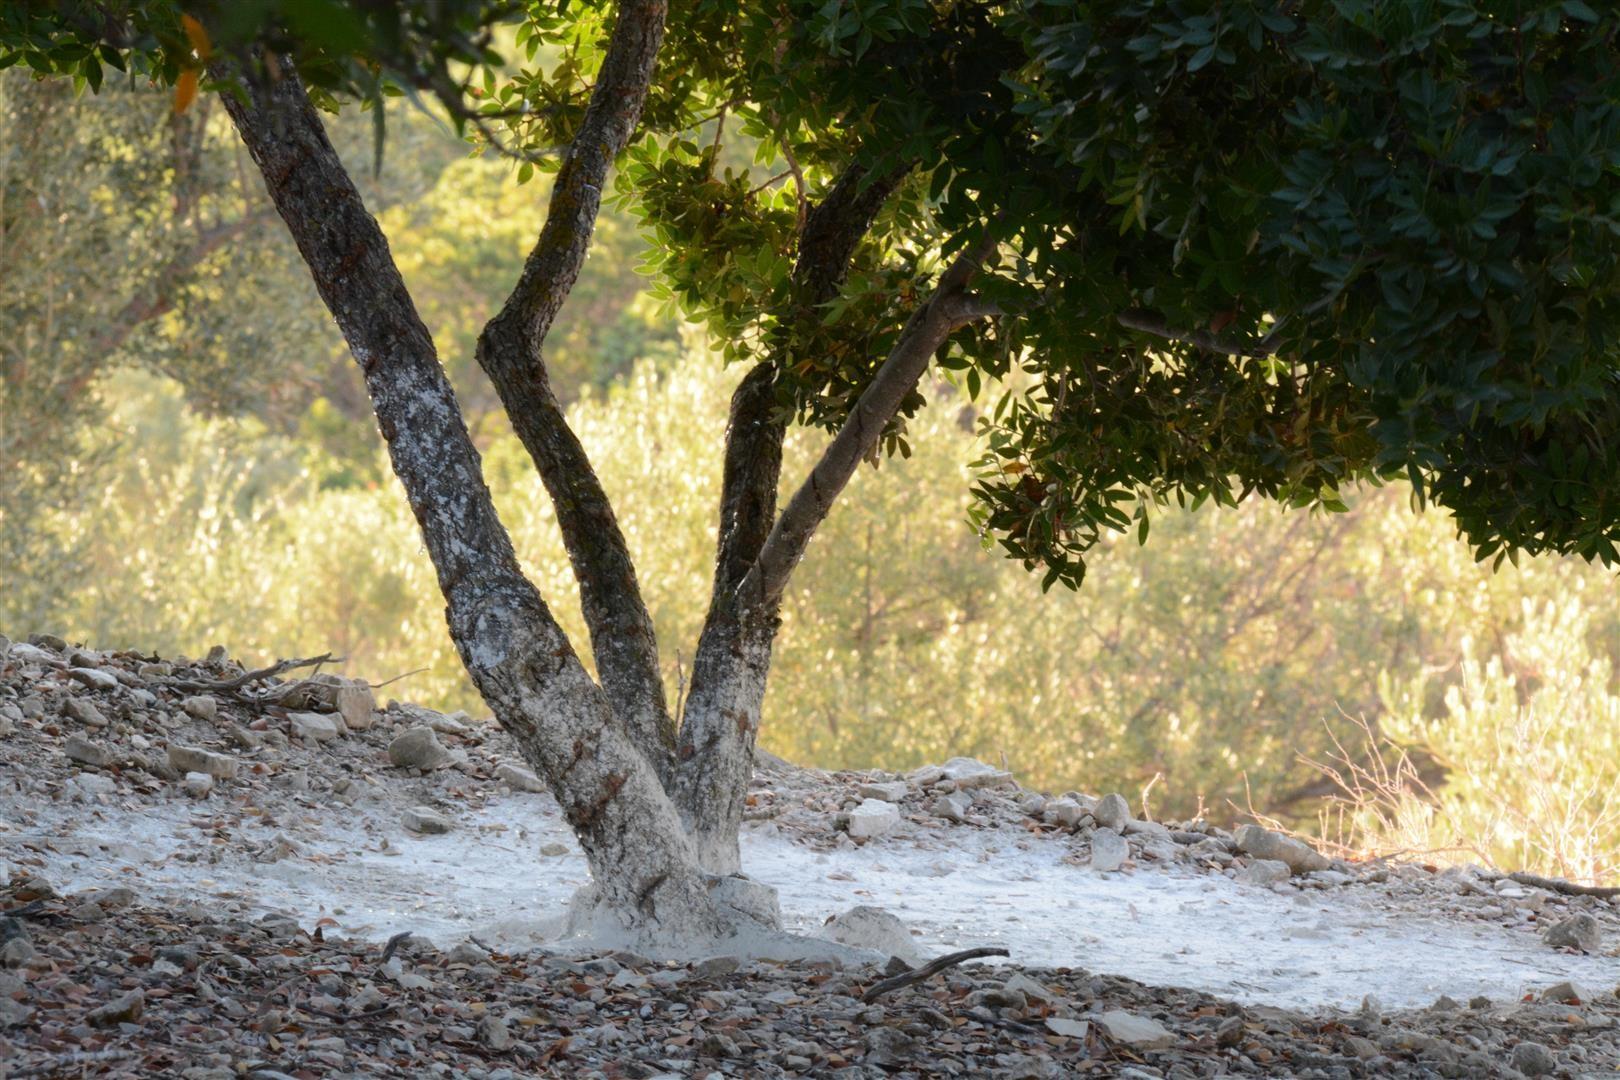 Lentisco con el suelo con arcilla blanca donde se recogen las lágrimas secas de Mastic en verano